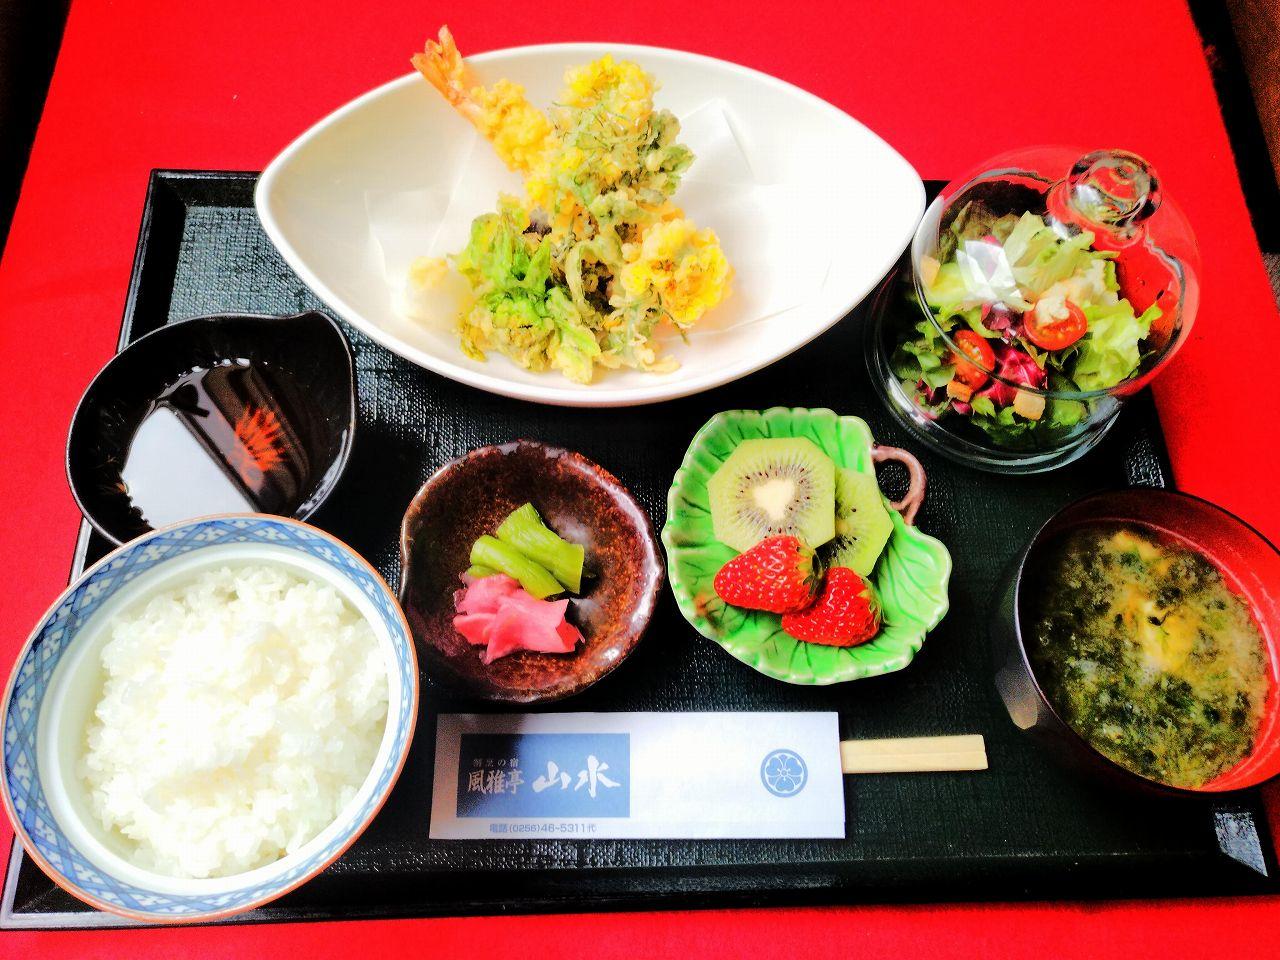 海老と山菜の天ぷら定食